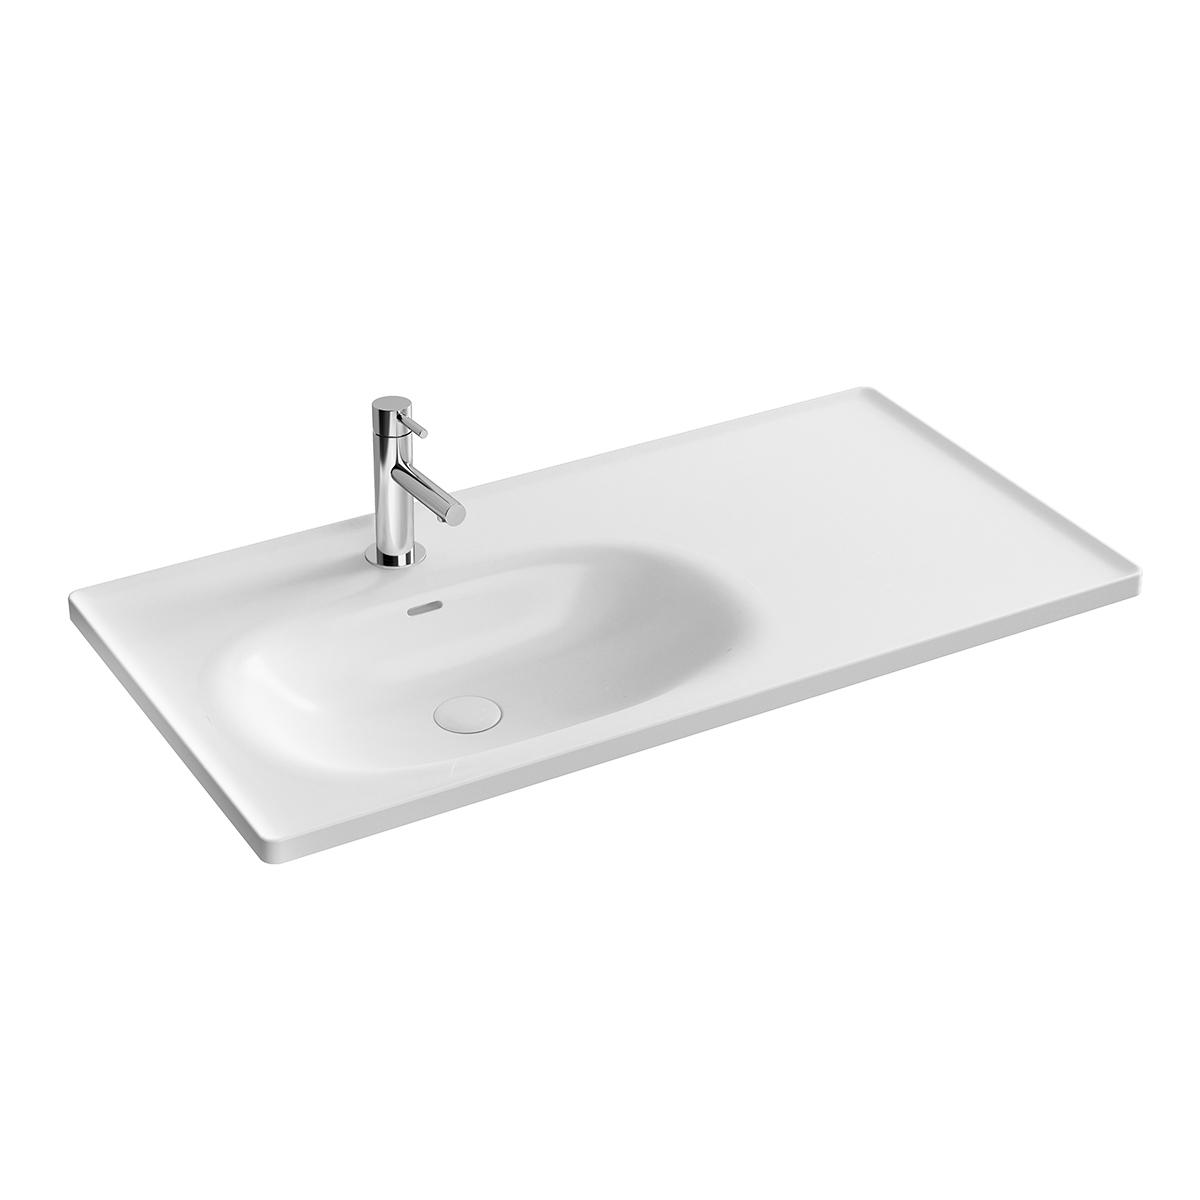 Equal Möbelwaschtisch, 100 cm, asymmetrisch mit Hahnloch,bank Hahnloch, mit Überlaufschlitz, Weiß Hochglanz